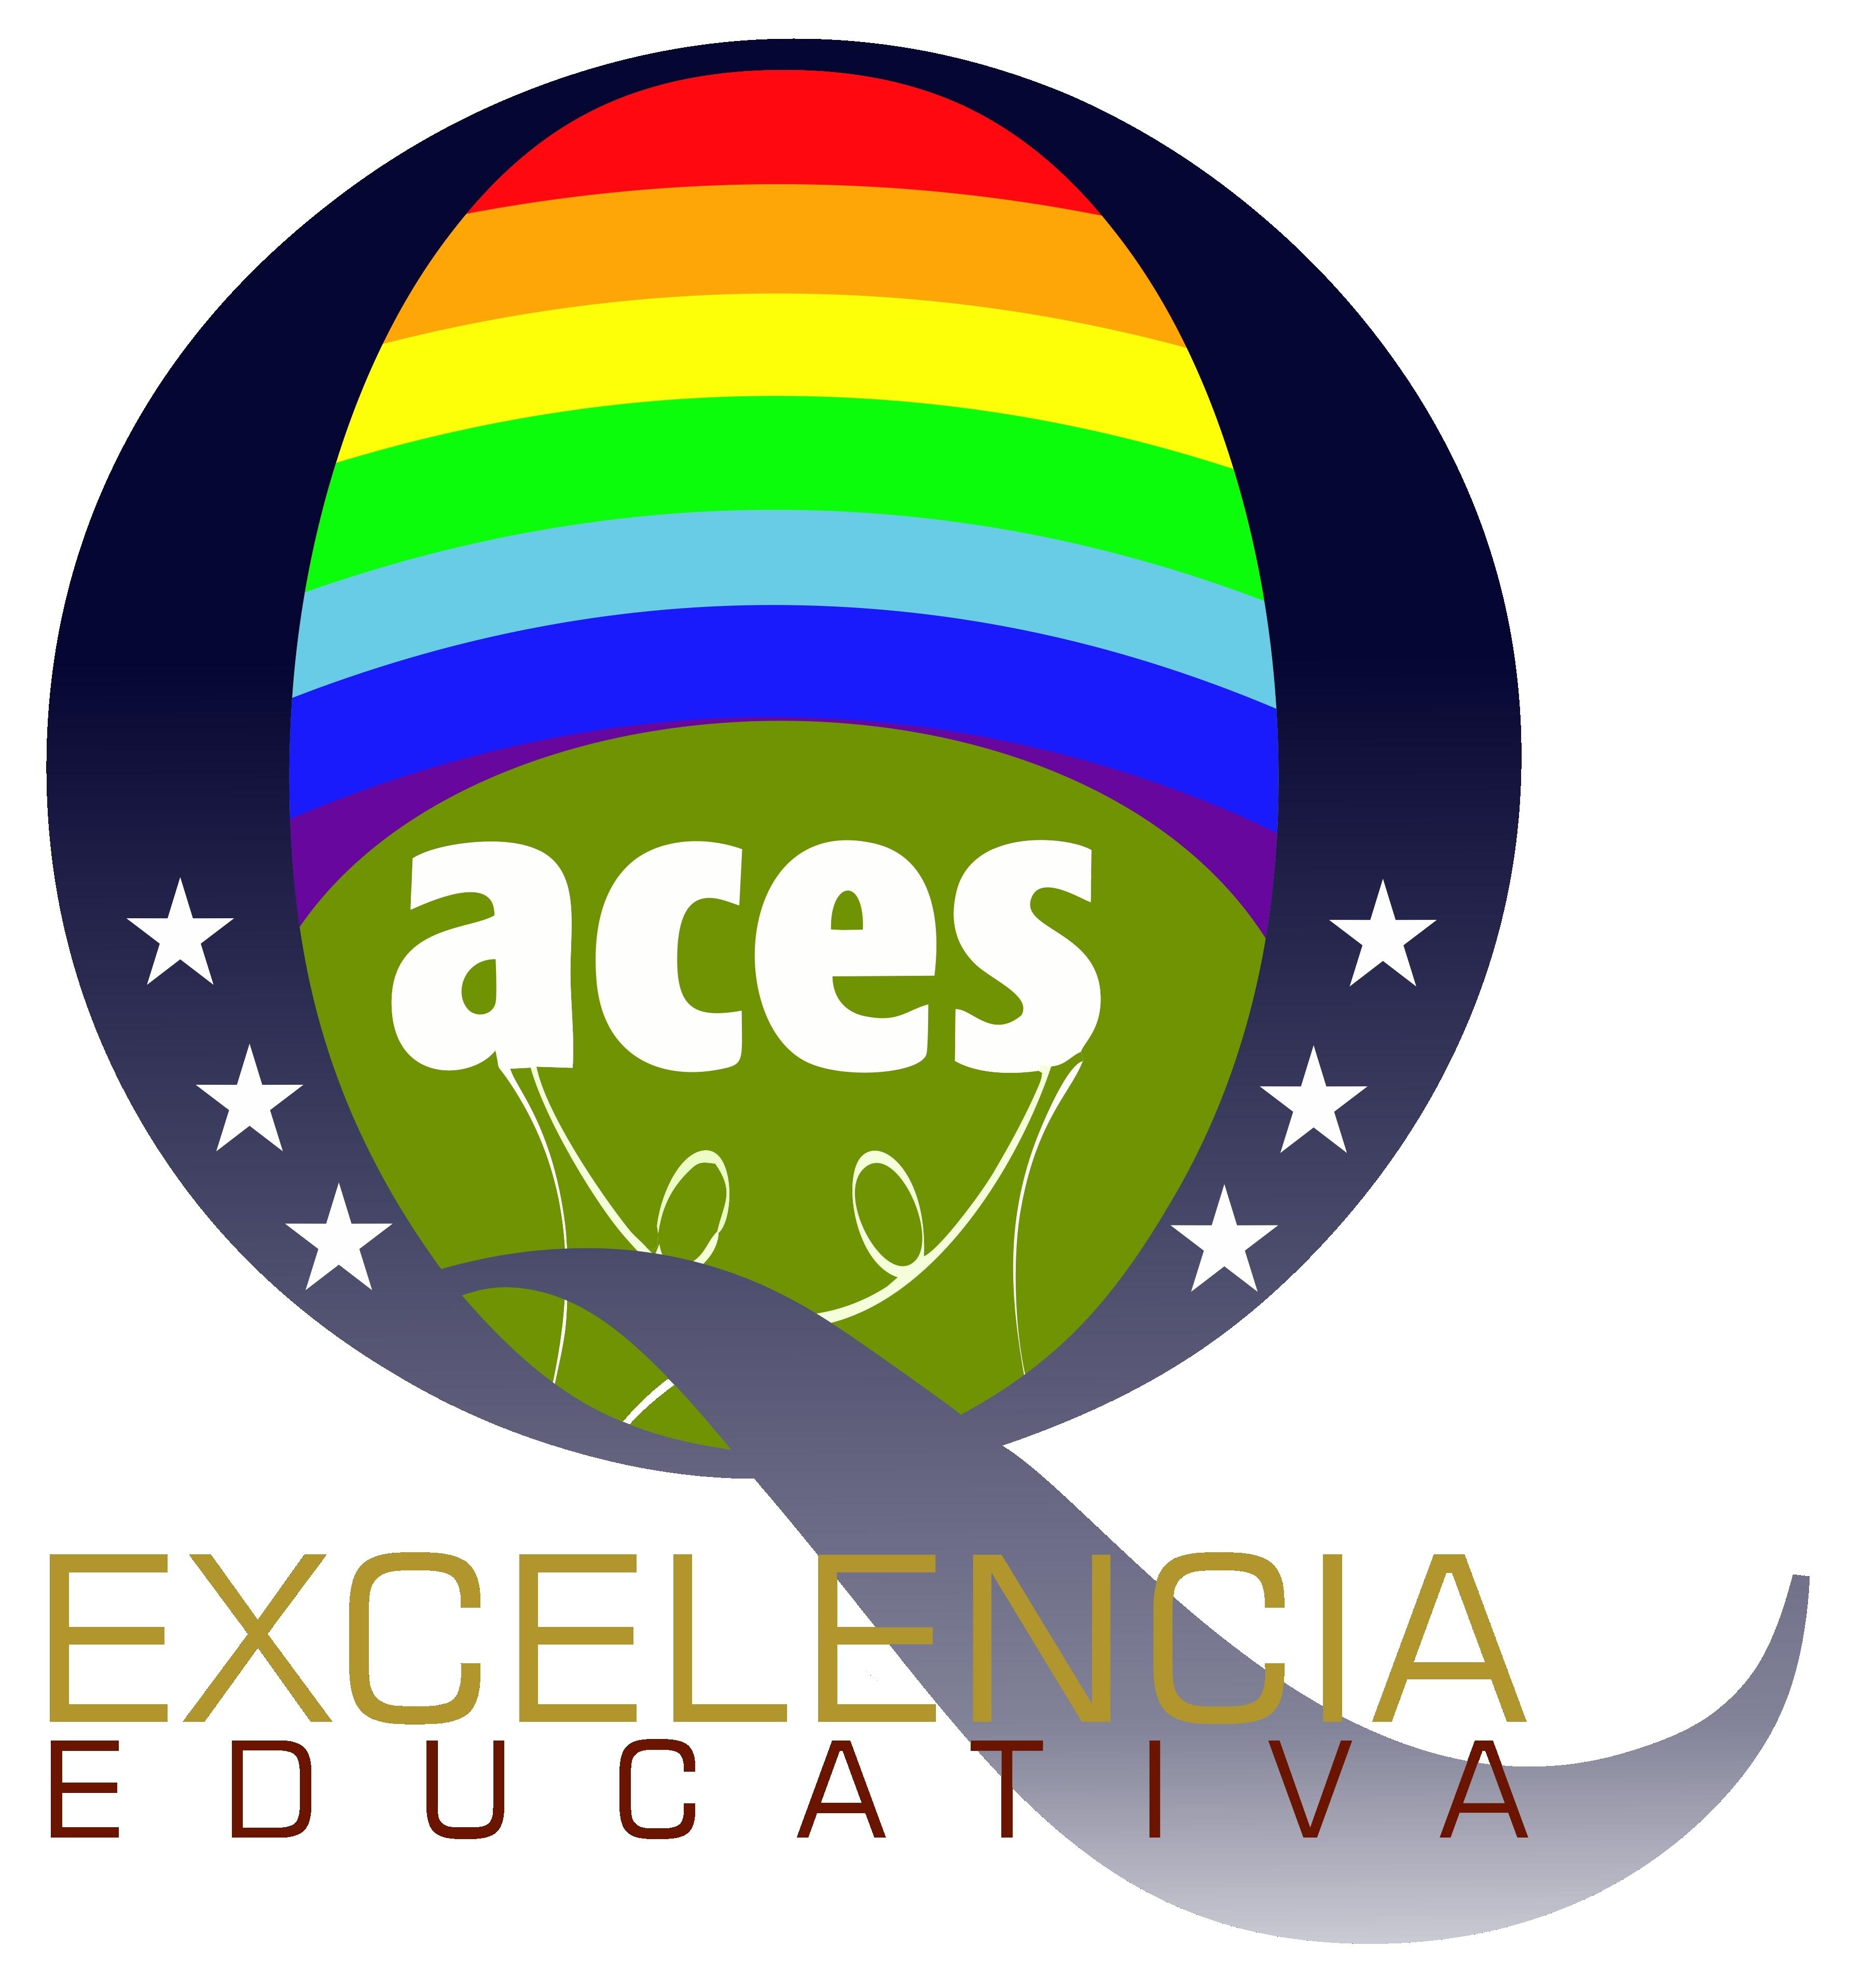 Sello de excelencia educativa Aces para el Colegio Antonio Gala